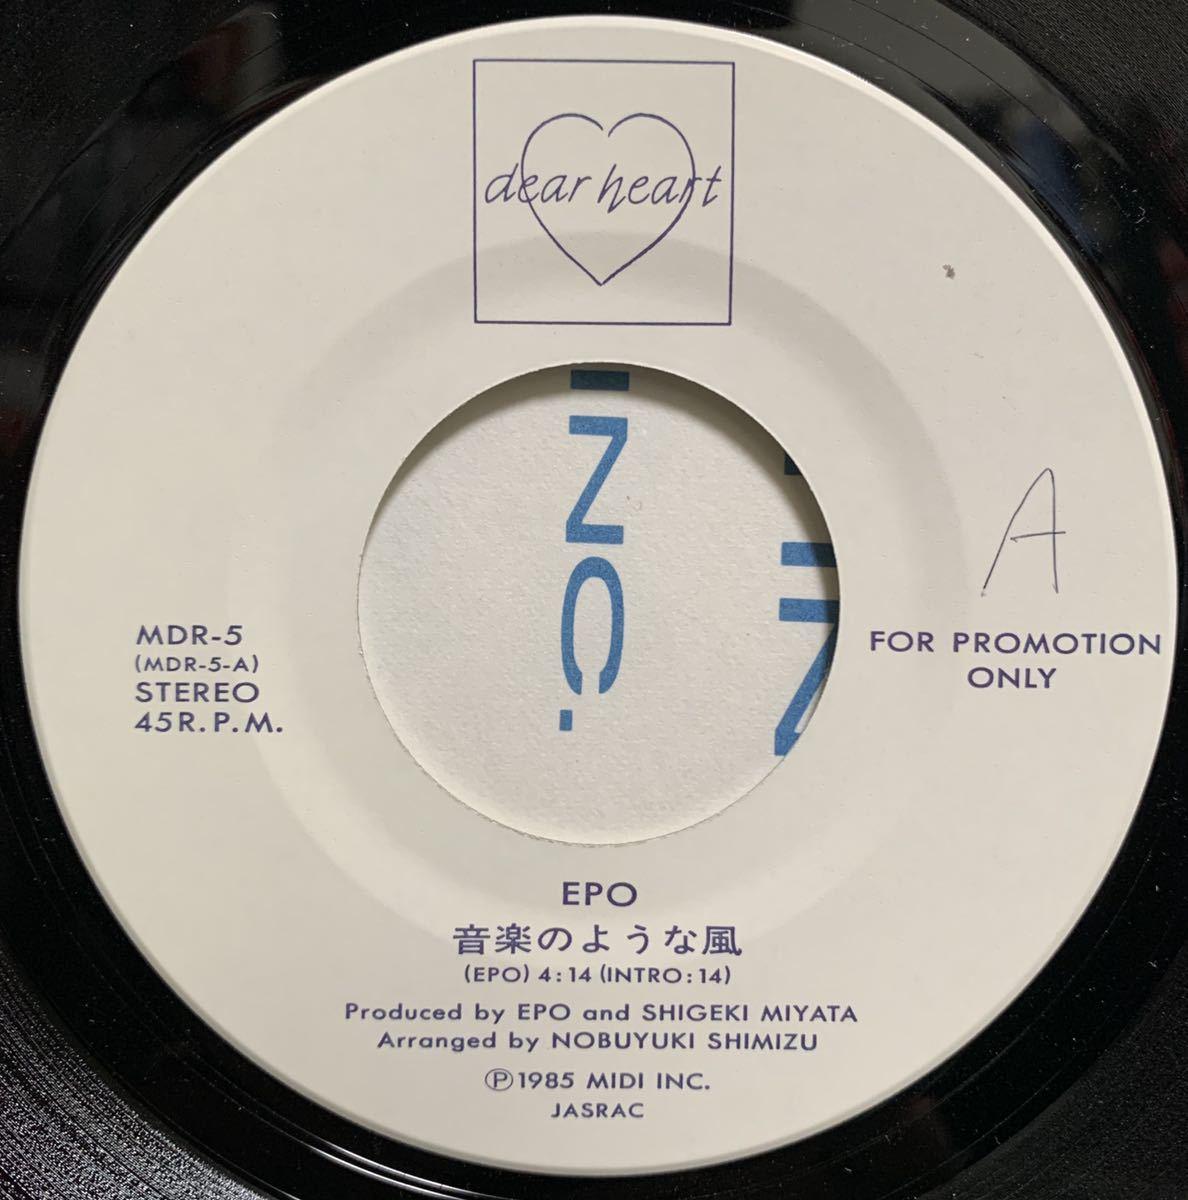 【EP】【7インチレコード】激レア 85年 非売品 見本盤 プロモオンリー EPO エポ / 音楽のような風 和モノ 極上 アーバンブギー_画像4